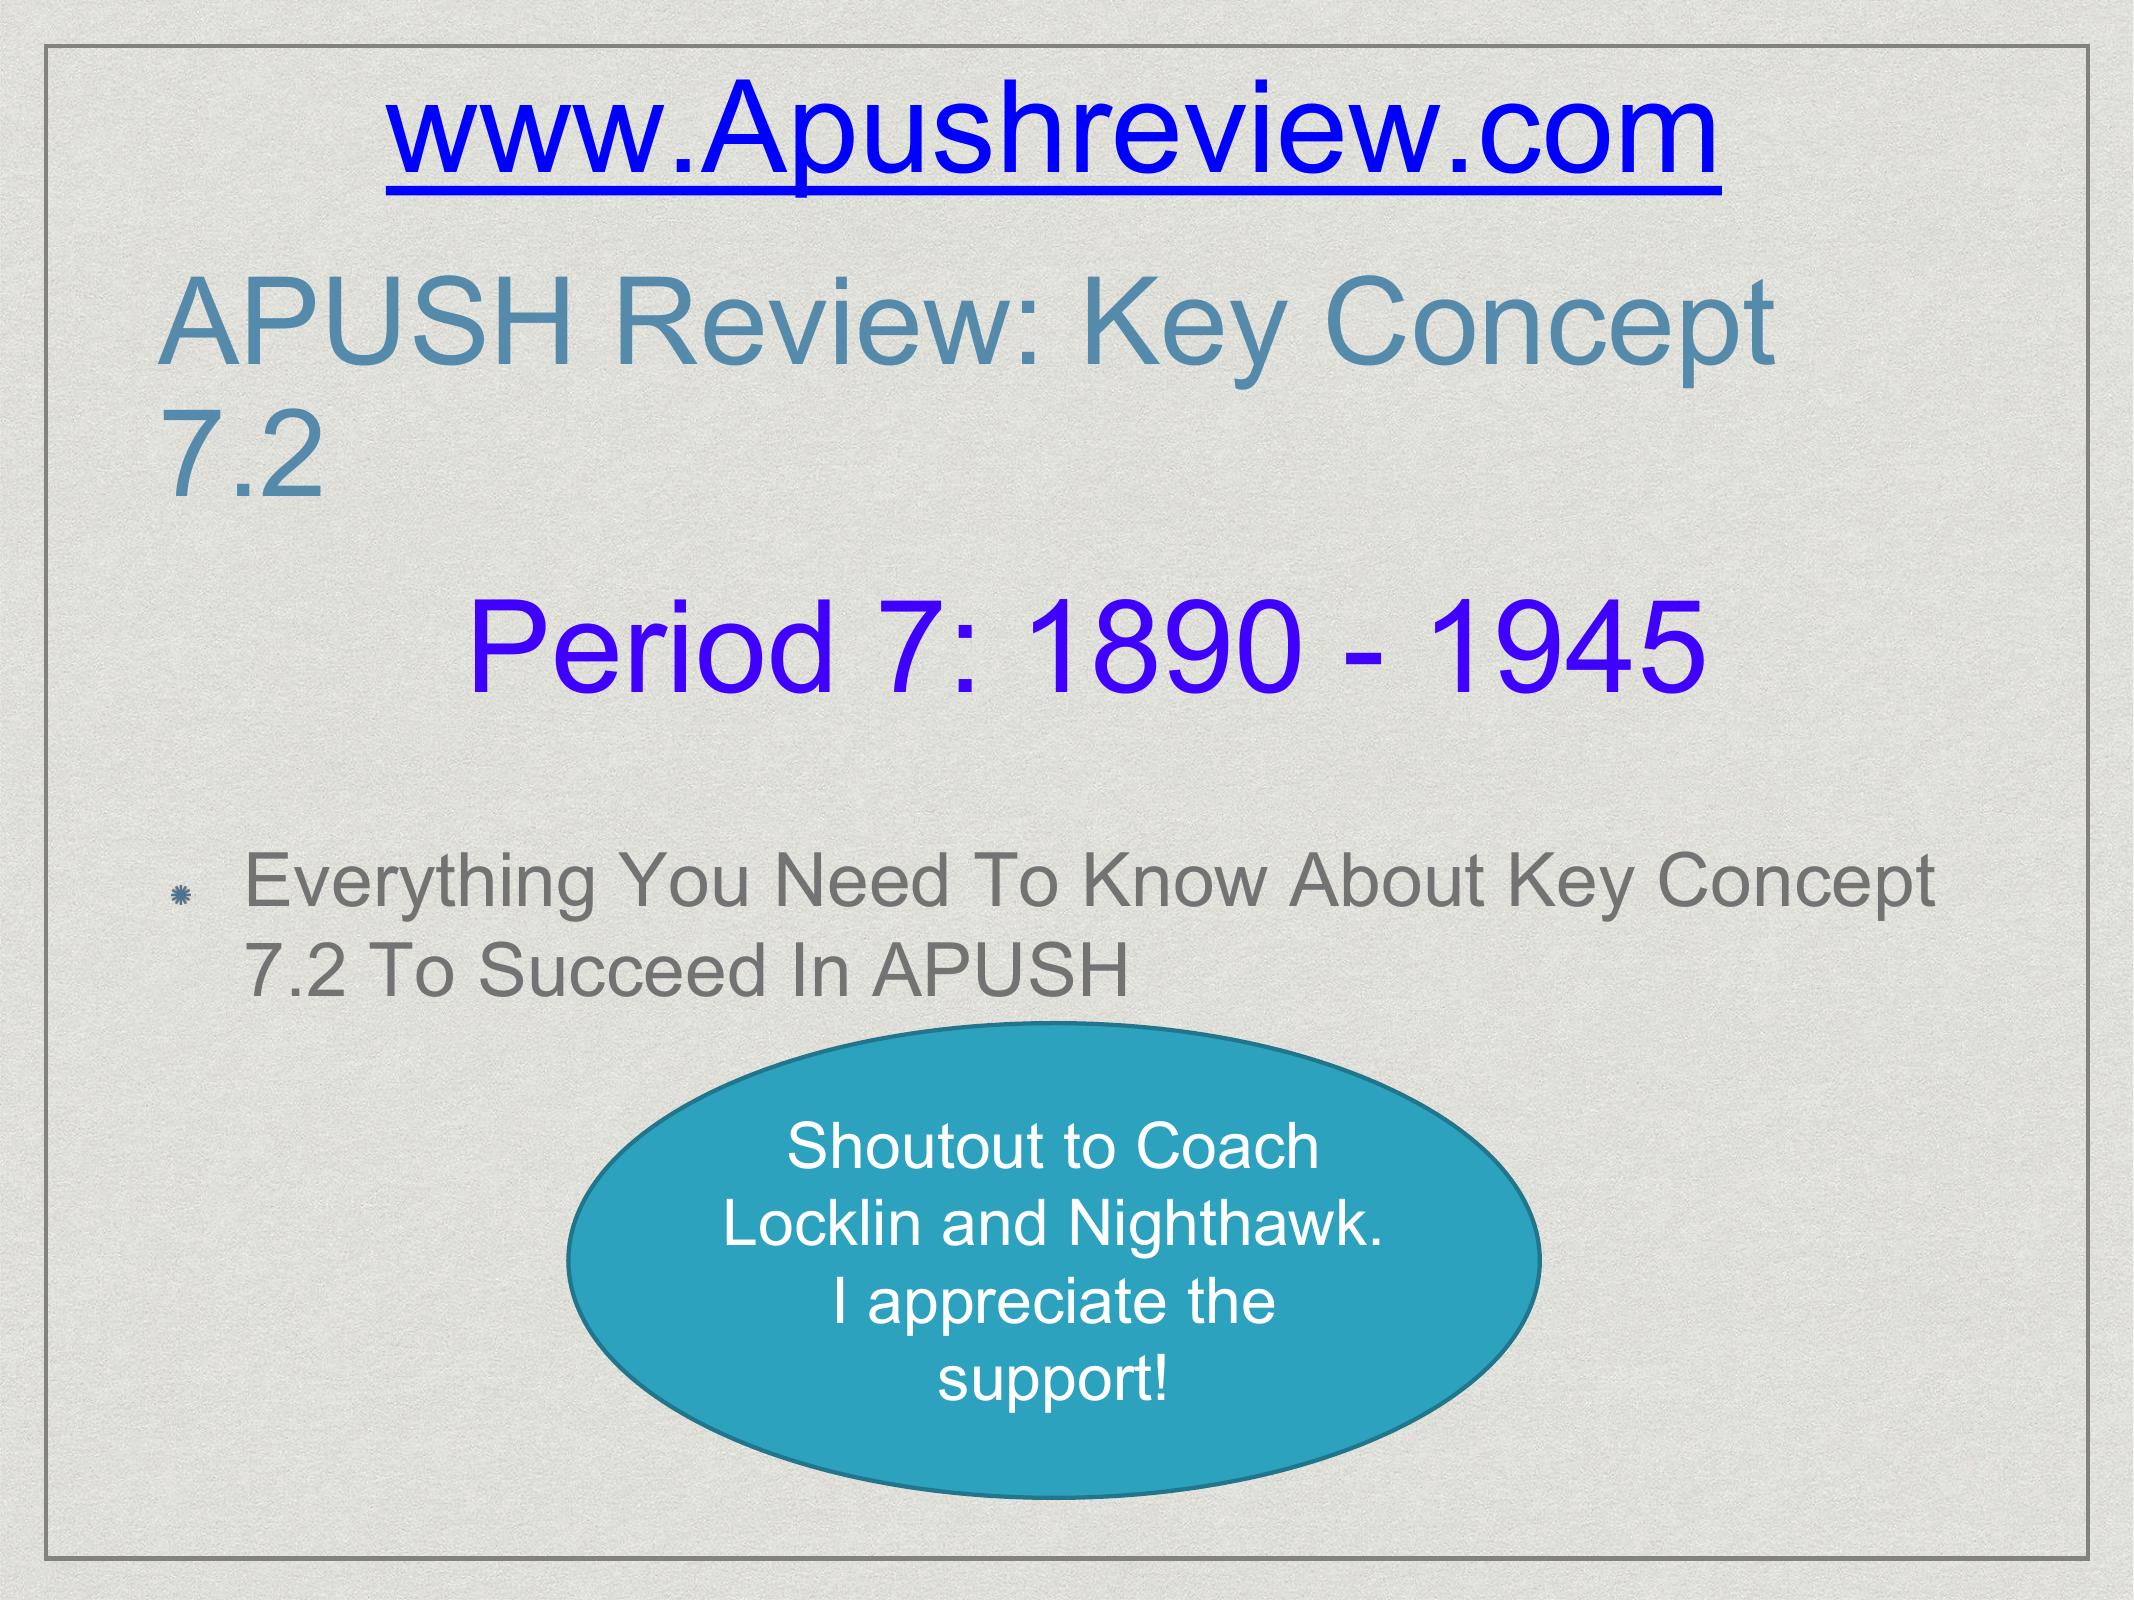 APUSH Review: Key Concept 7 2